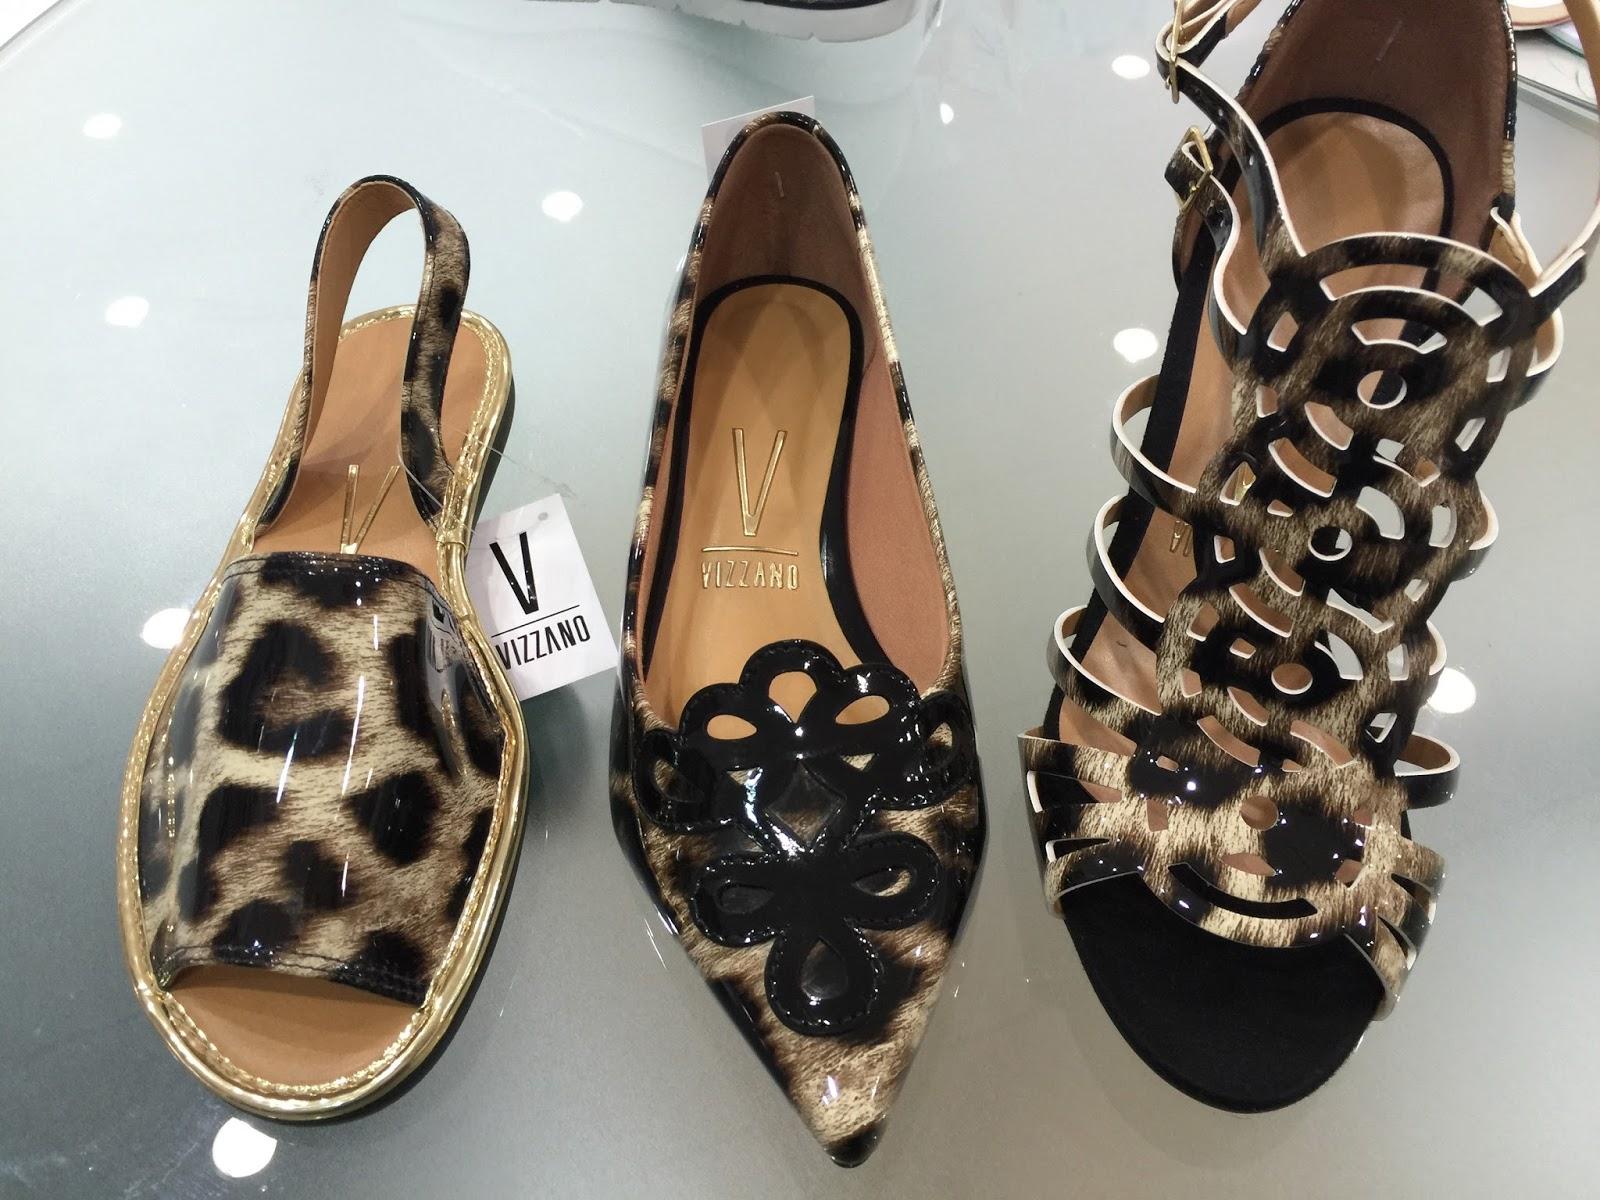 0af69da59 Fashion MiMi  Preview Vizzano